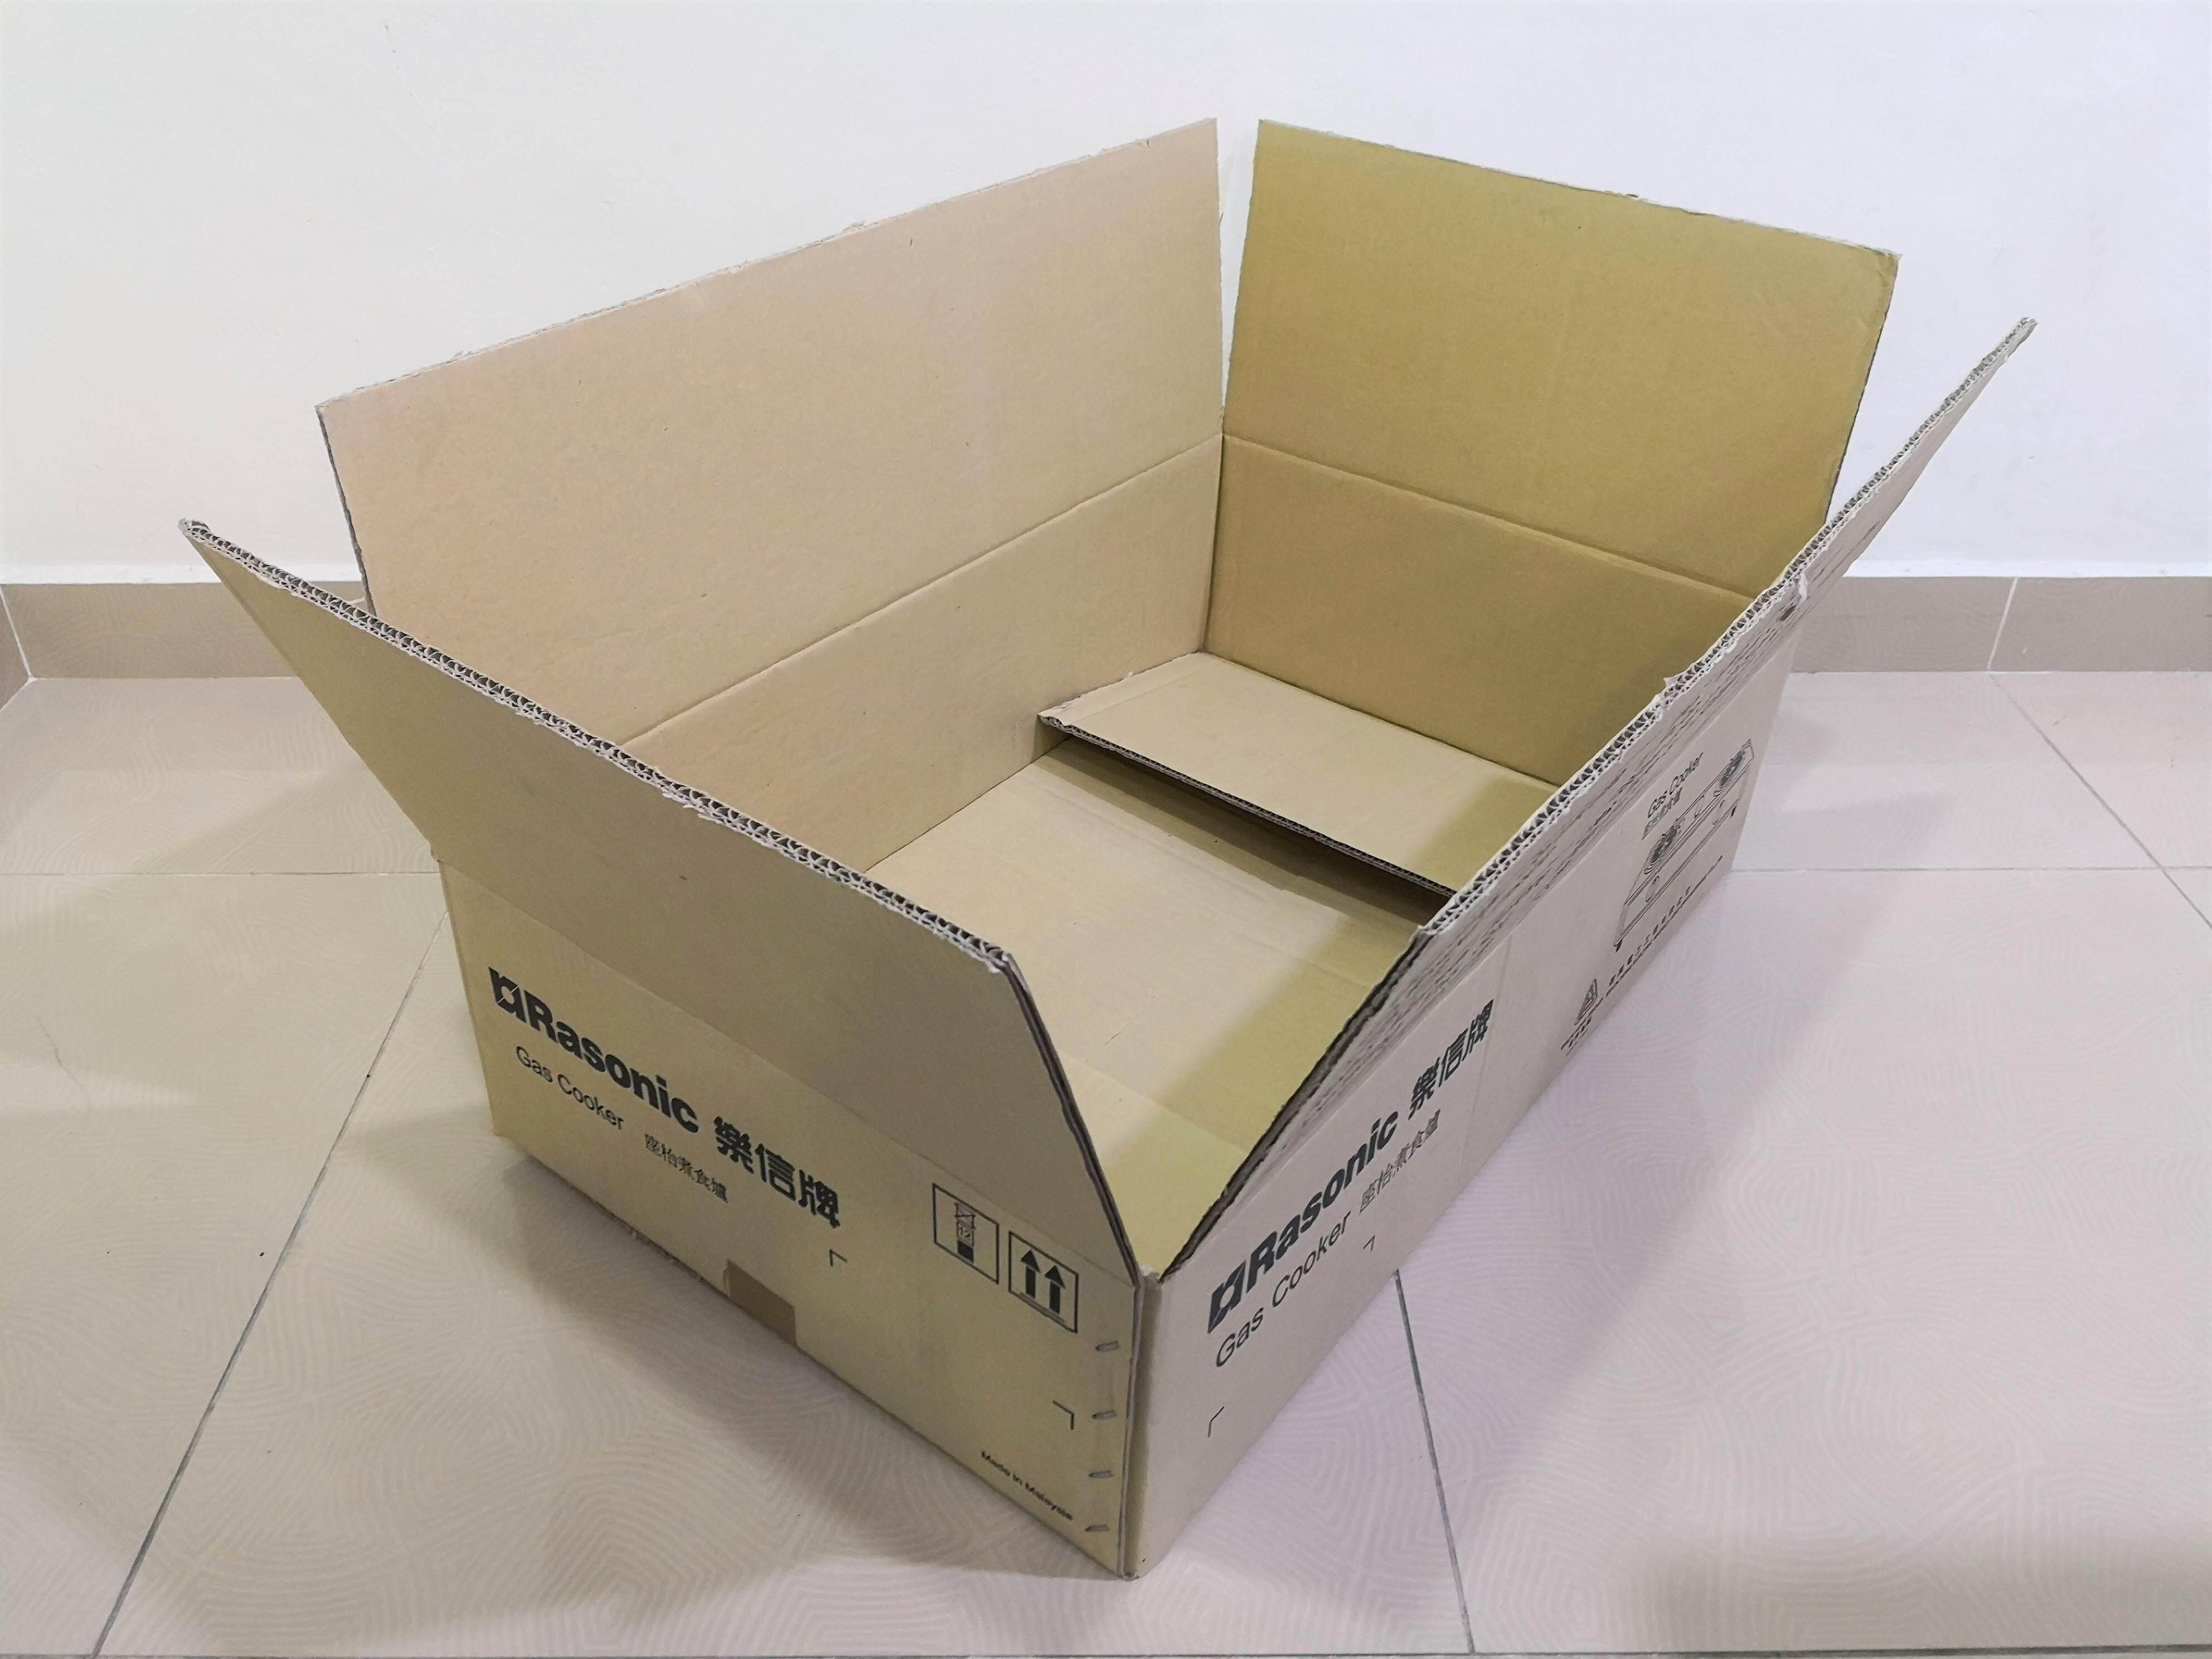 5pcs Printed Carton Boxes (L724 x W453 x H196mm)